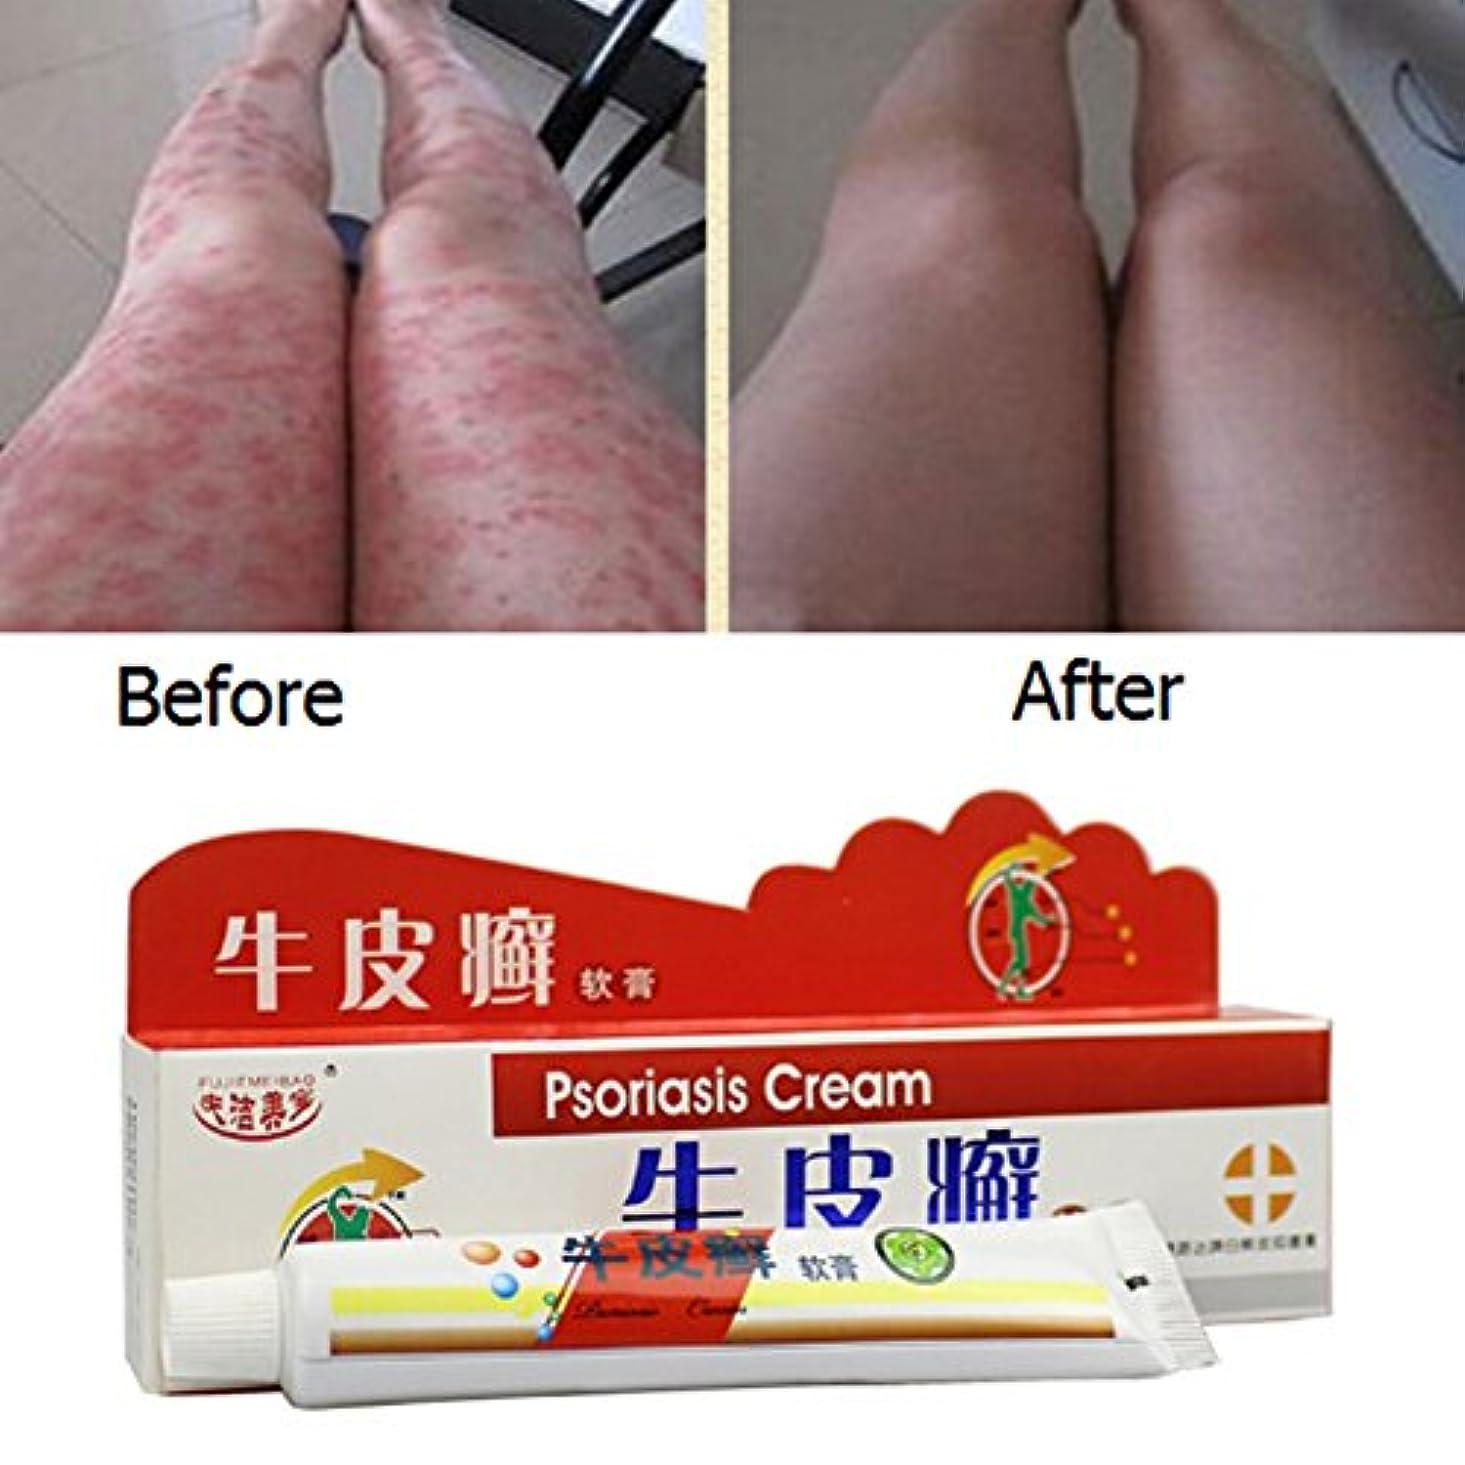 れんが人最小Balai 乾癬クリーム 中国のハーブ抗菌軟膏クリーム 湿疹乾癬 治療かゆみ止めクリーム